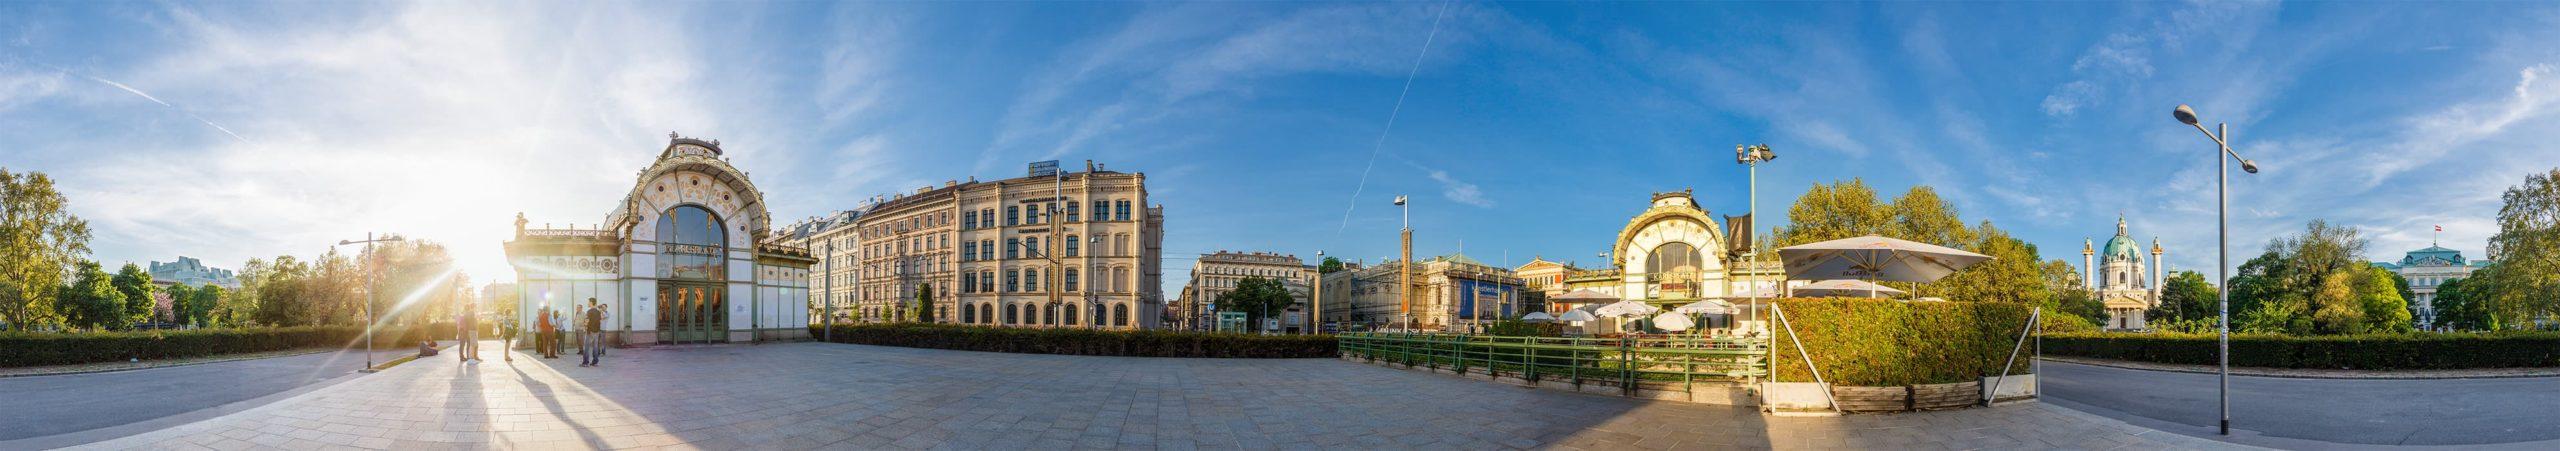 wien-panorama-karlsplatz